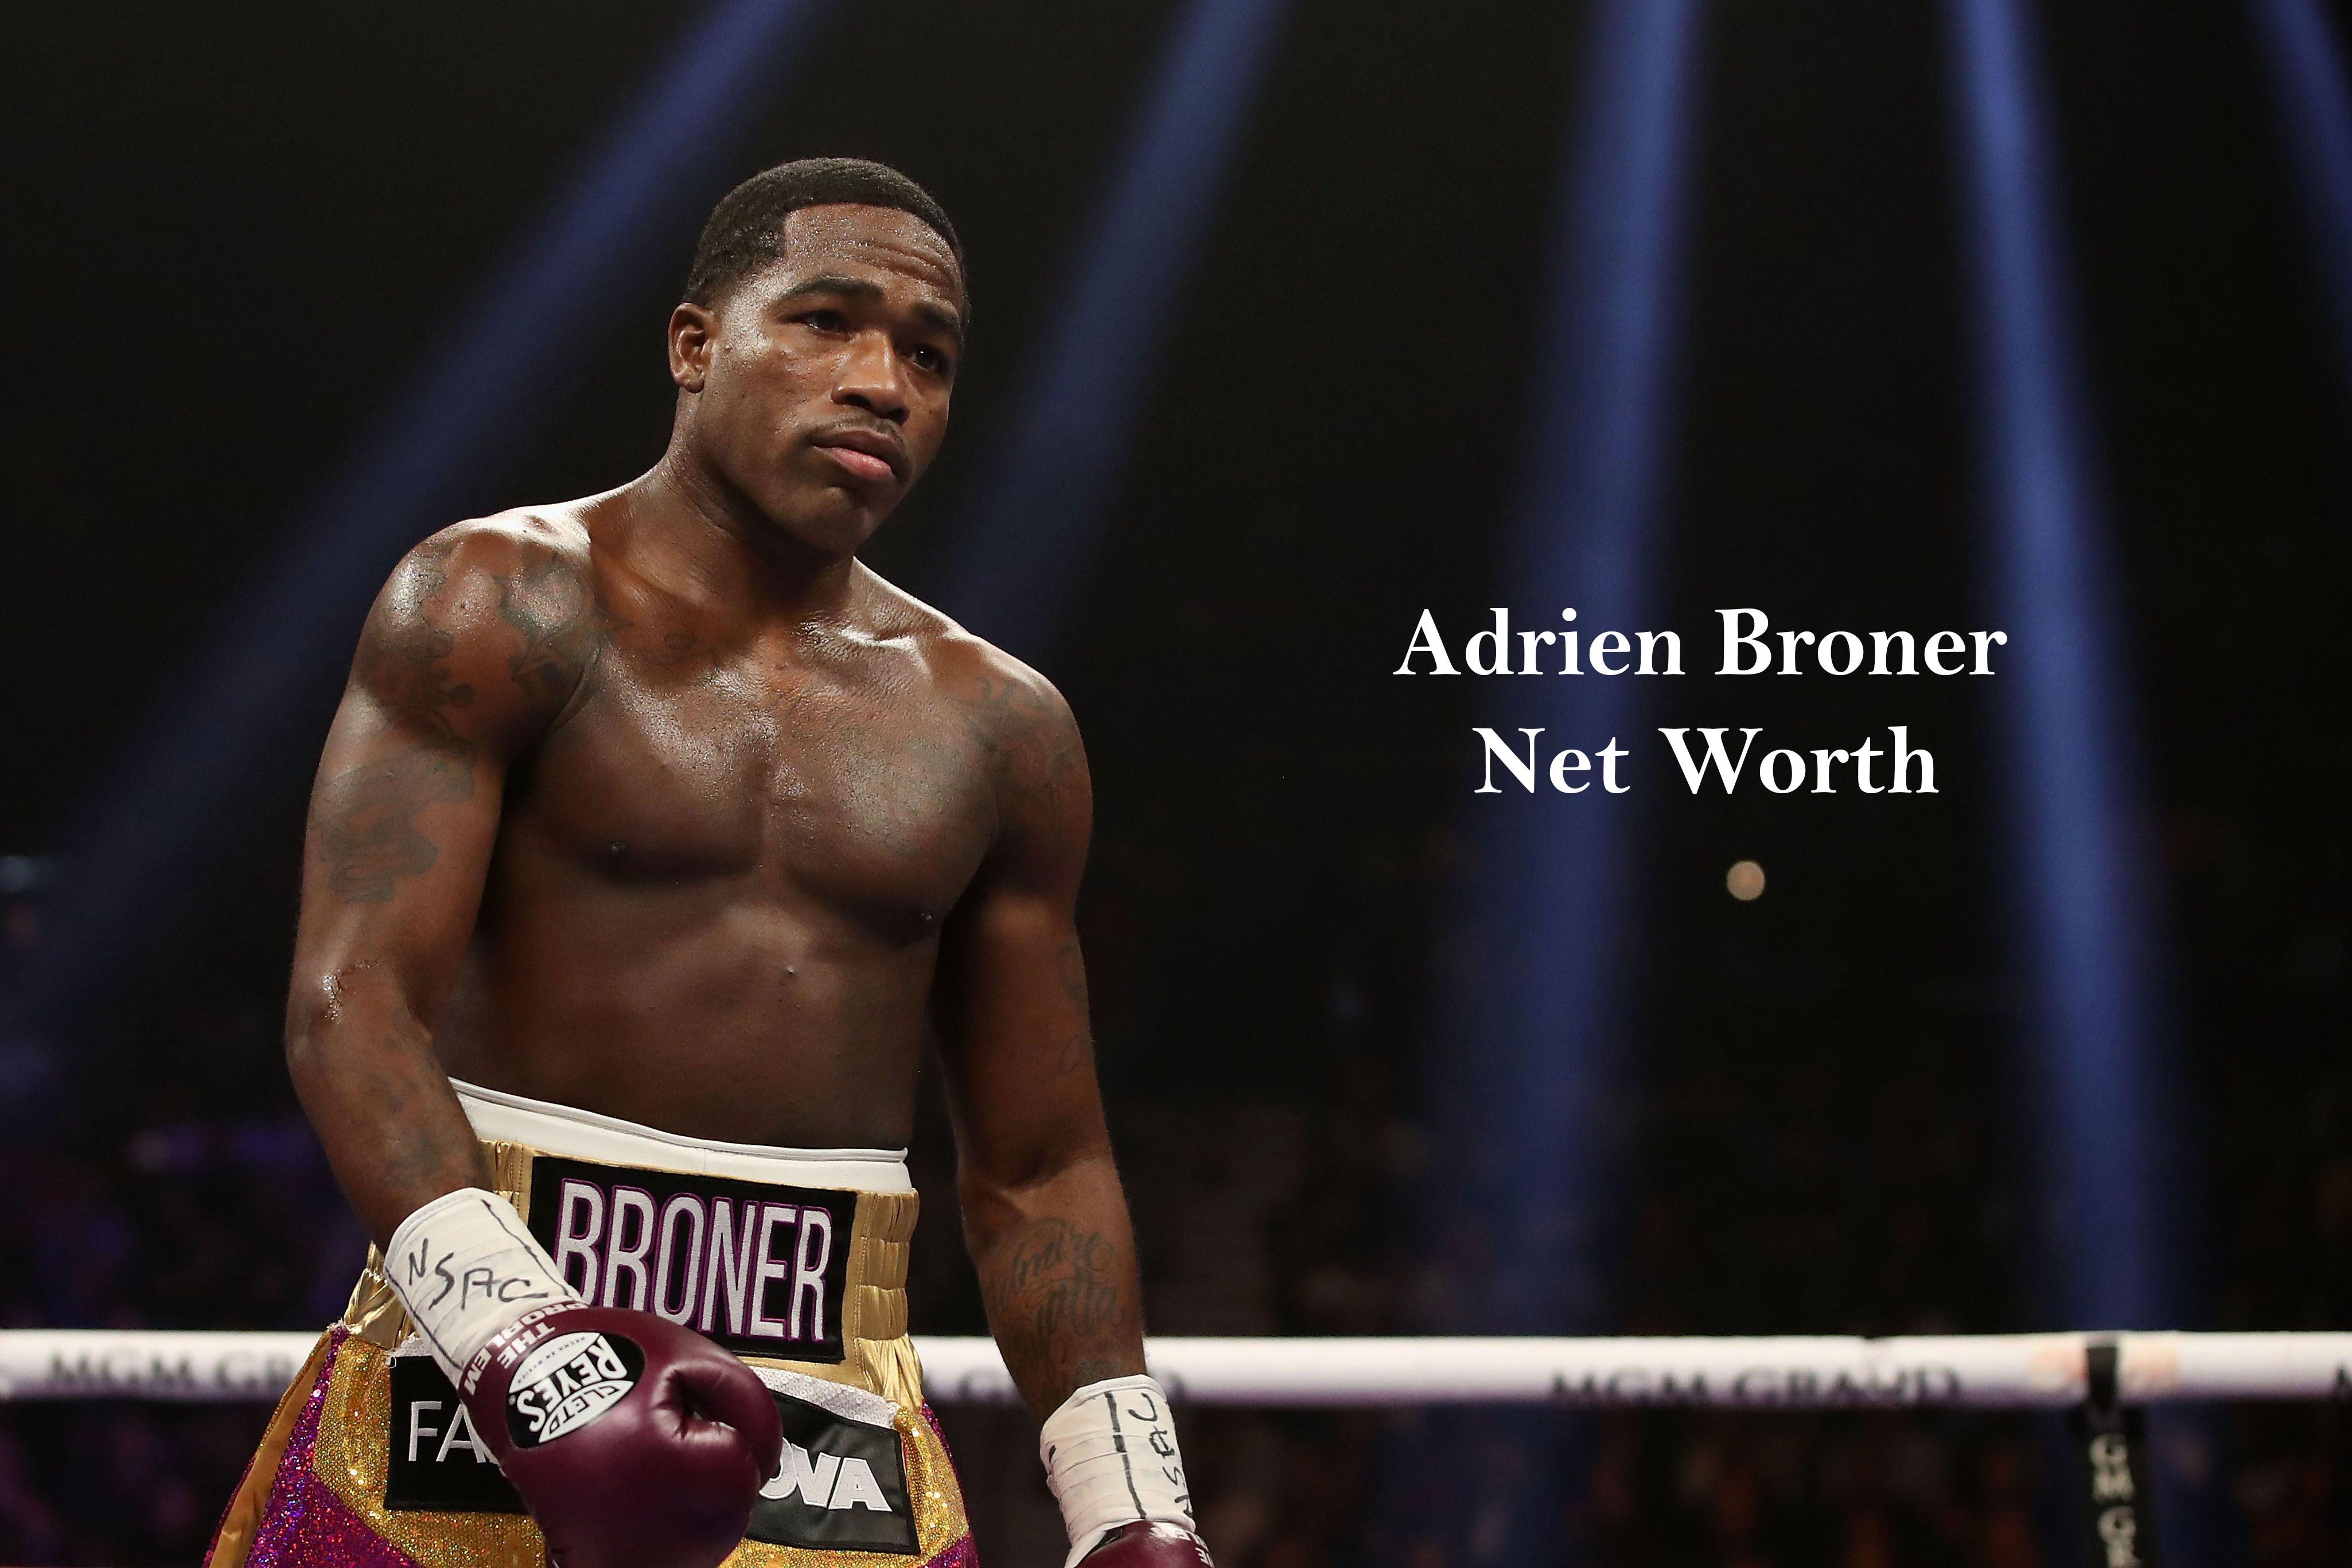 Adrien Broner Net Worth